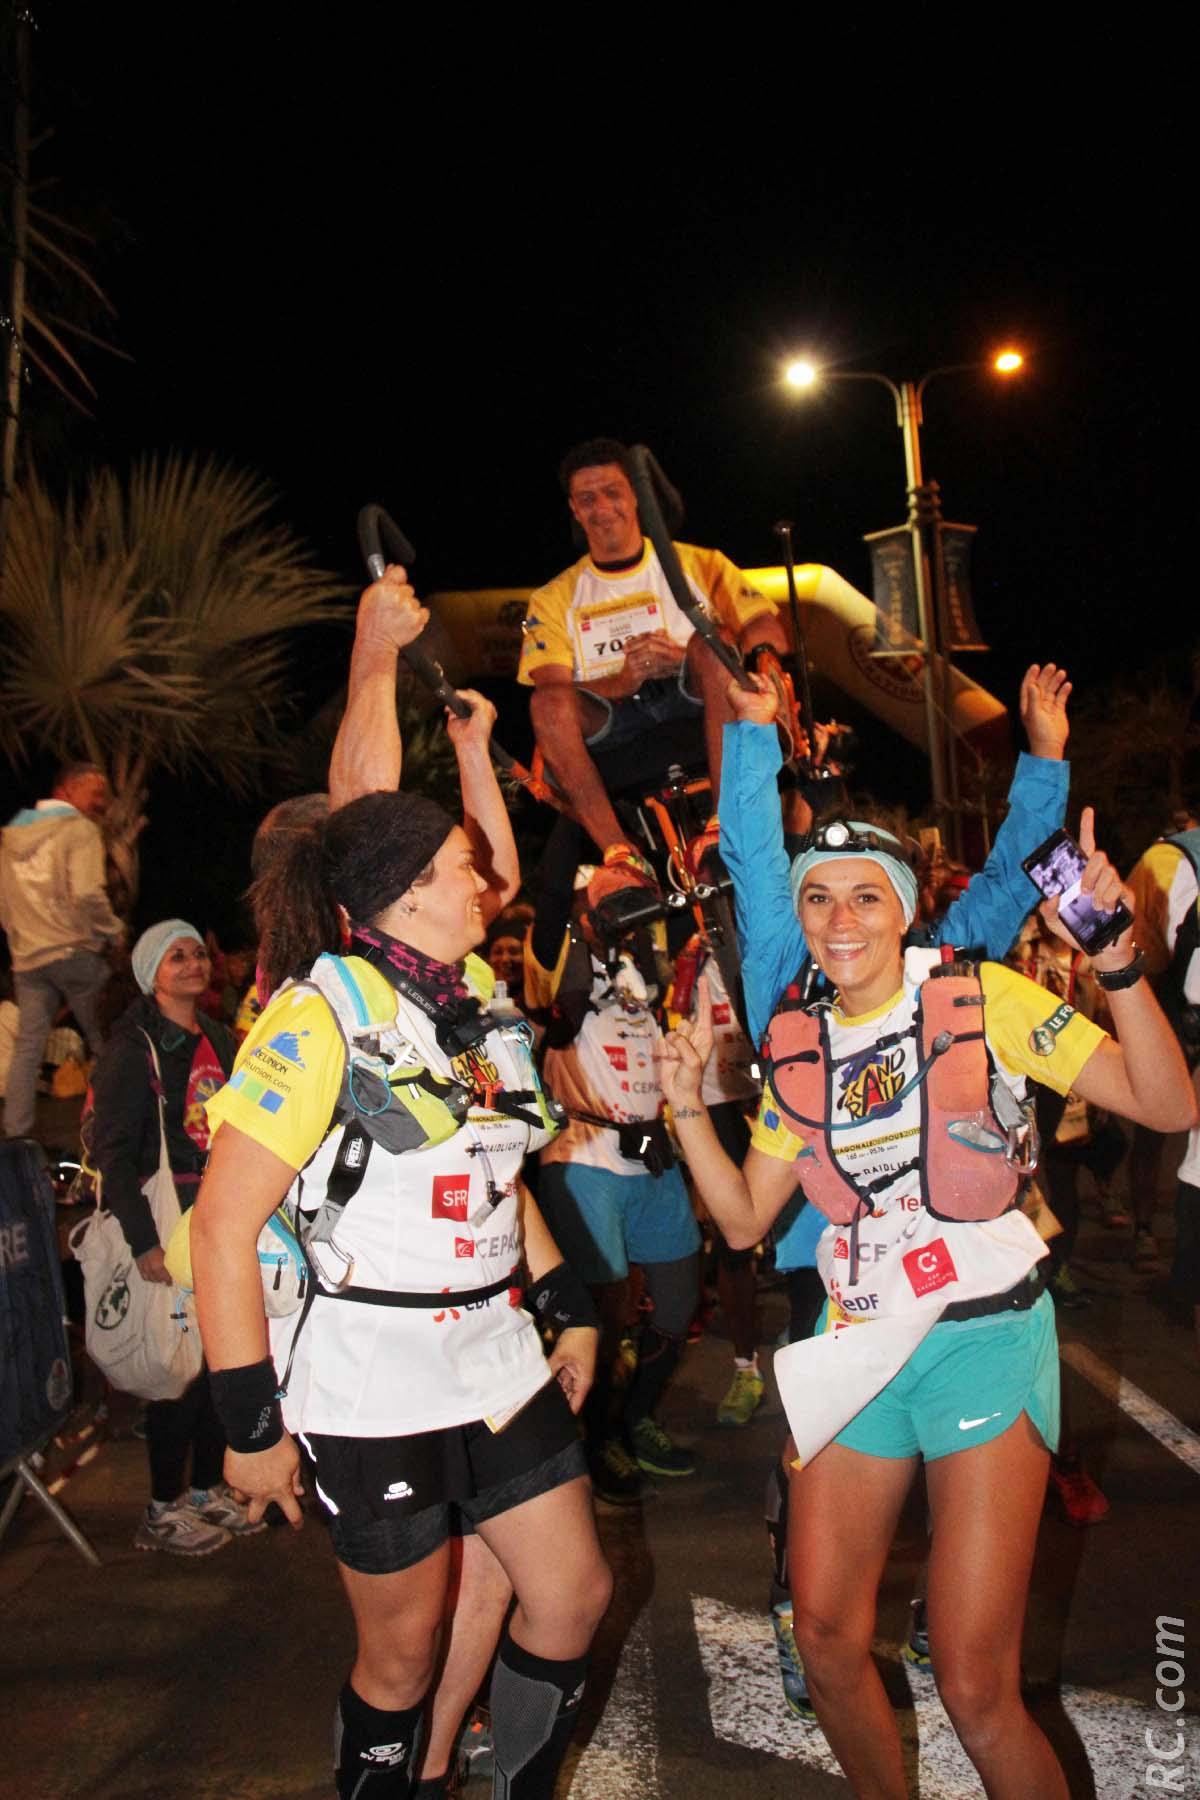 Les participants de Réunion Joëlette Aventure ( RAJ ) sont partis les premiers de la Ravine Blanche